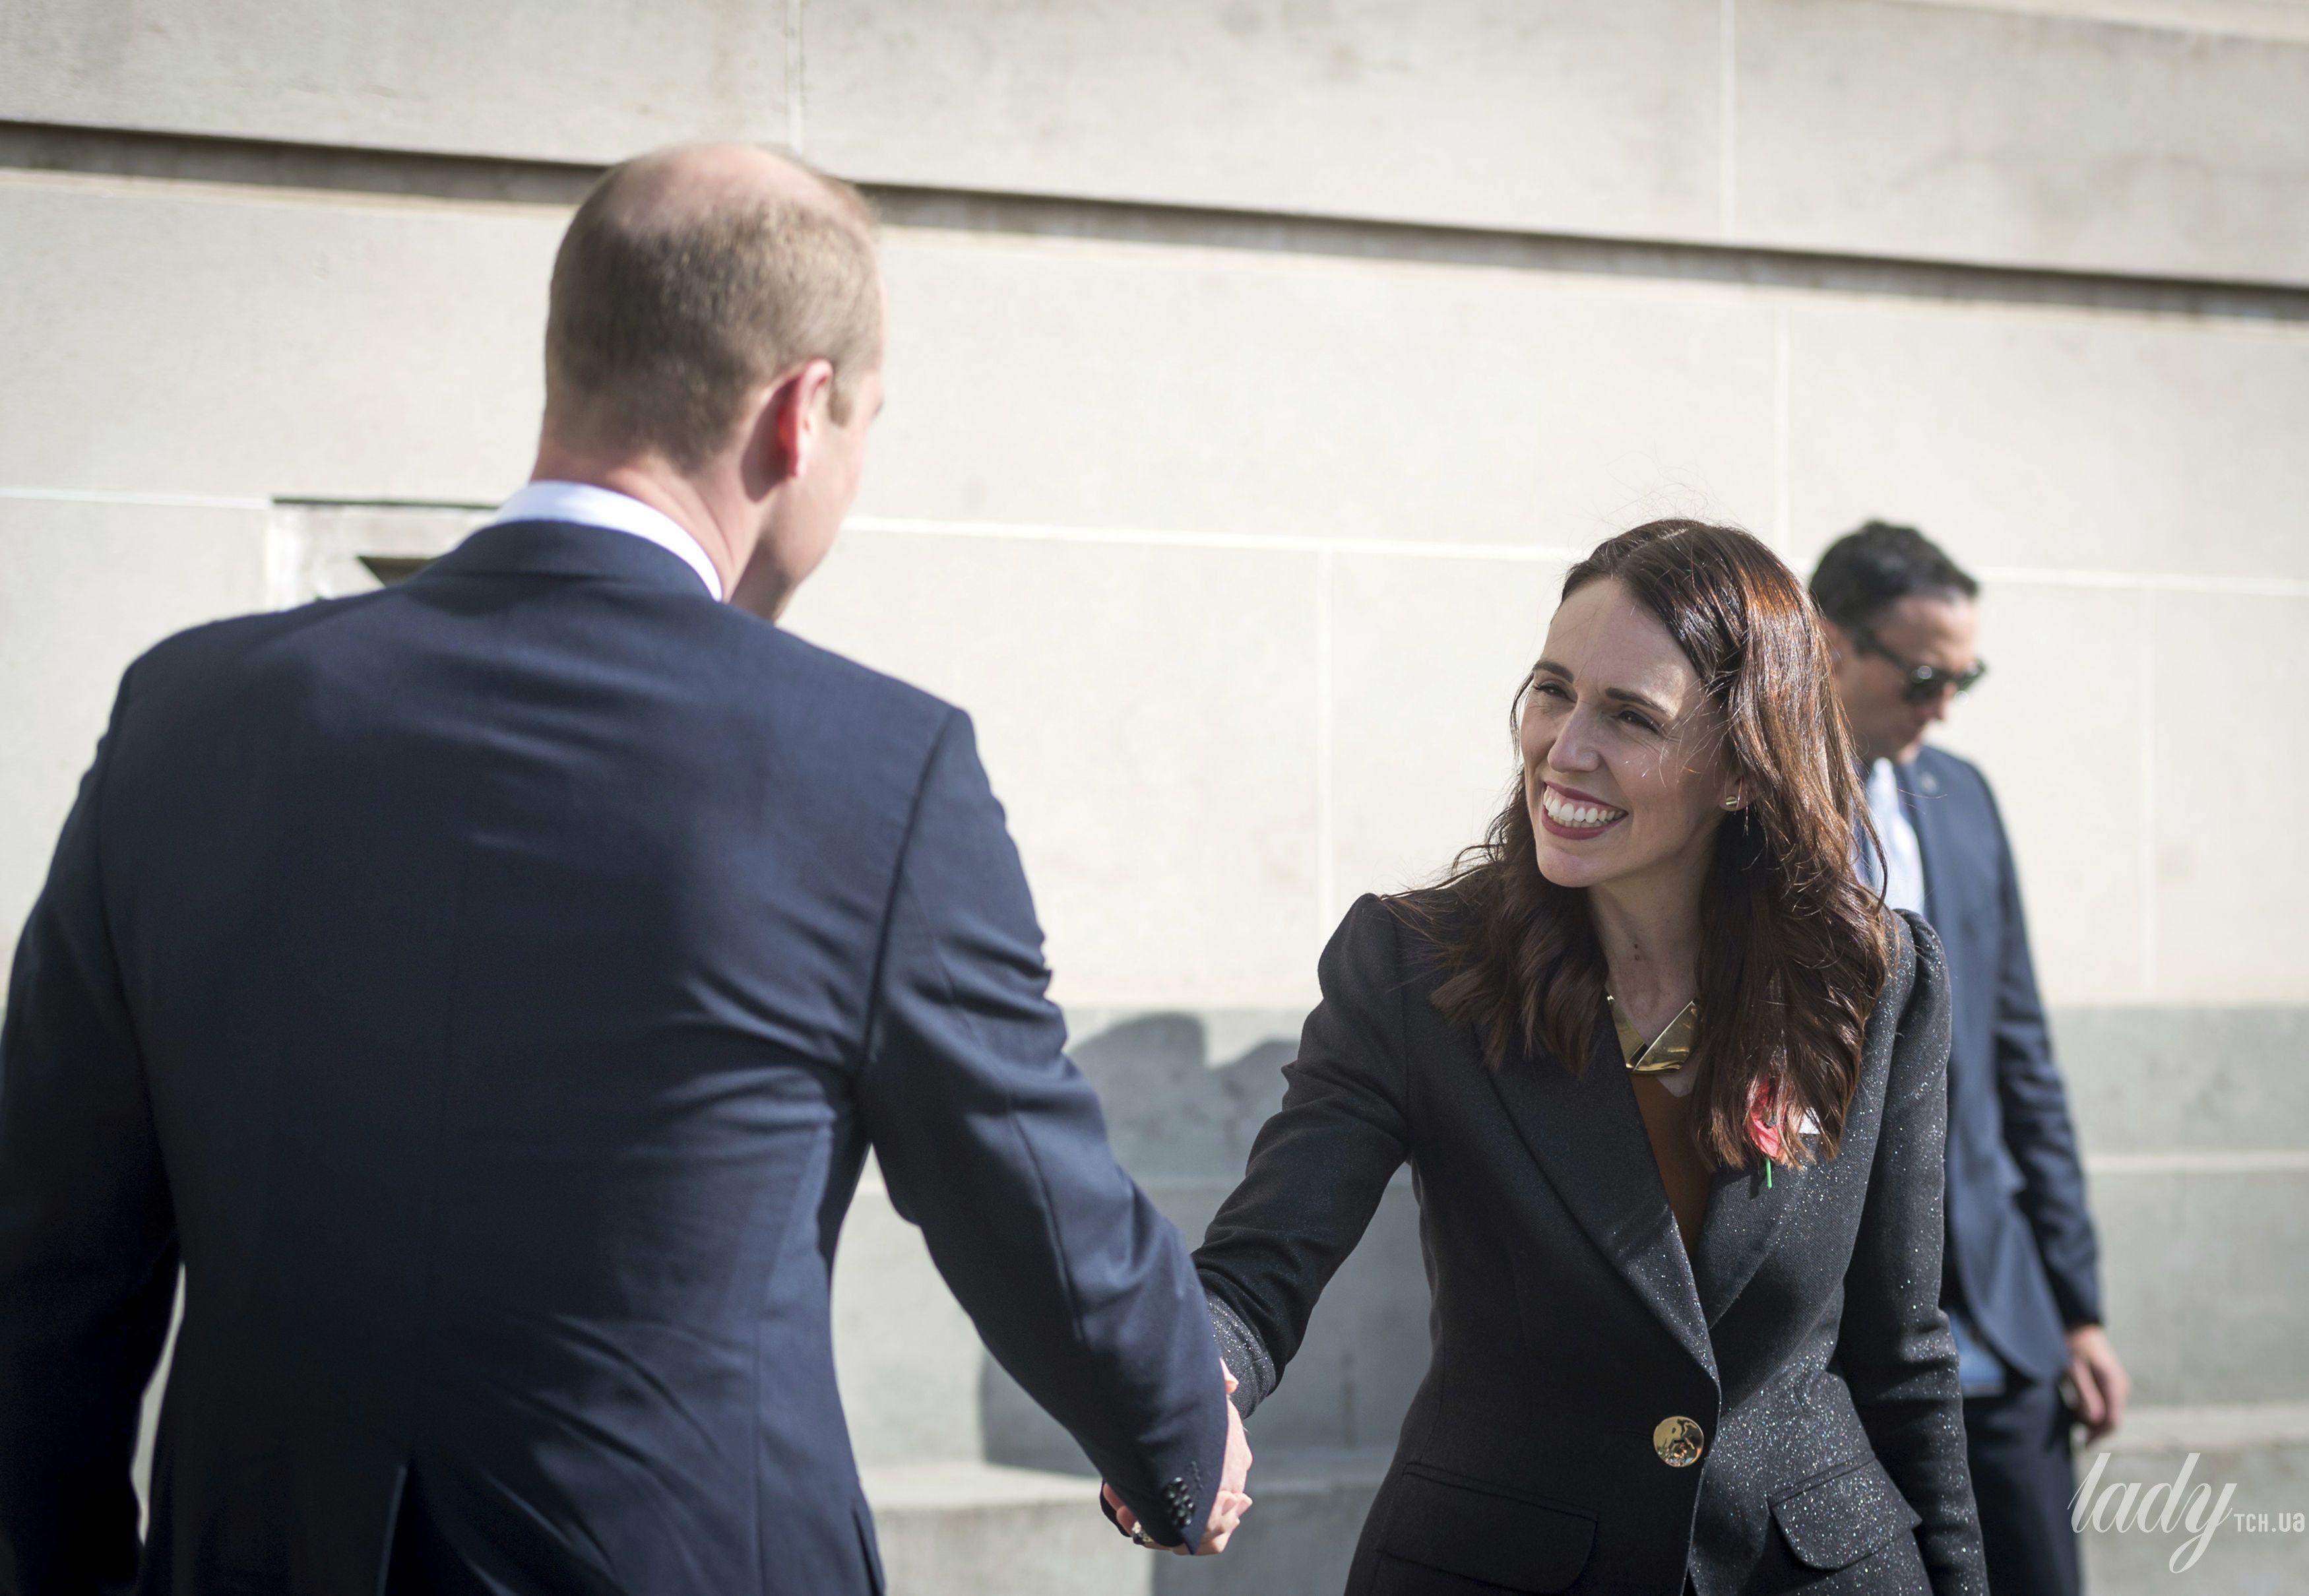 Муж Кейт Миддлтон приветствовал Джасинду Ардерн в Новой Зеландии на местный манер